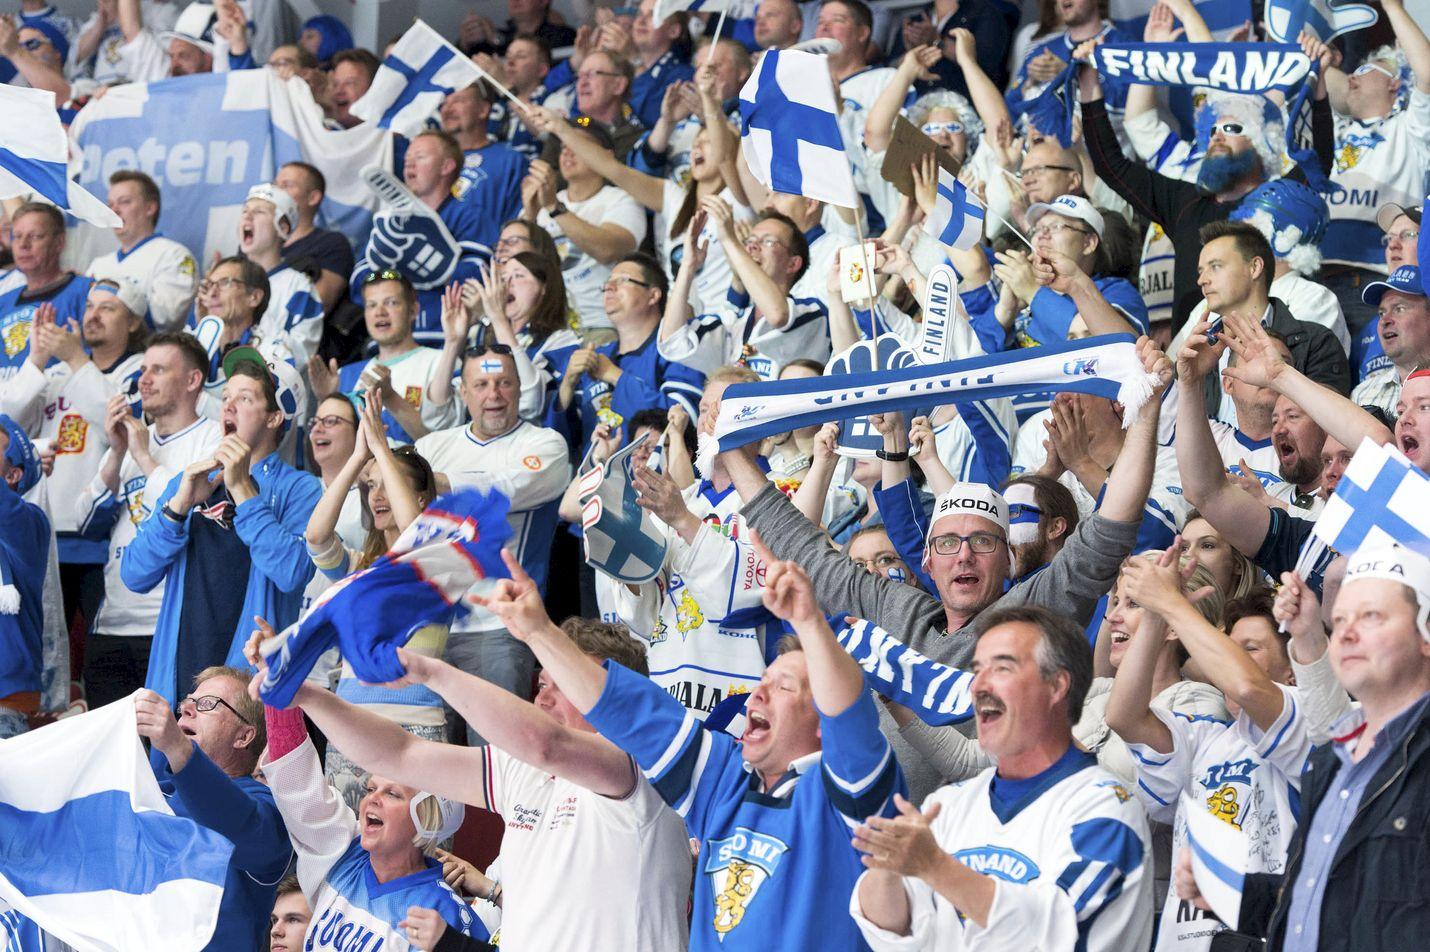 Jääkiekon MM-kisat on Suomessa kansallinen kevätkarnevaali. Tänä vuonna isäntämaa on Slovakia ja kisat pelataan Bratislavassa ja Košicessa.